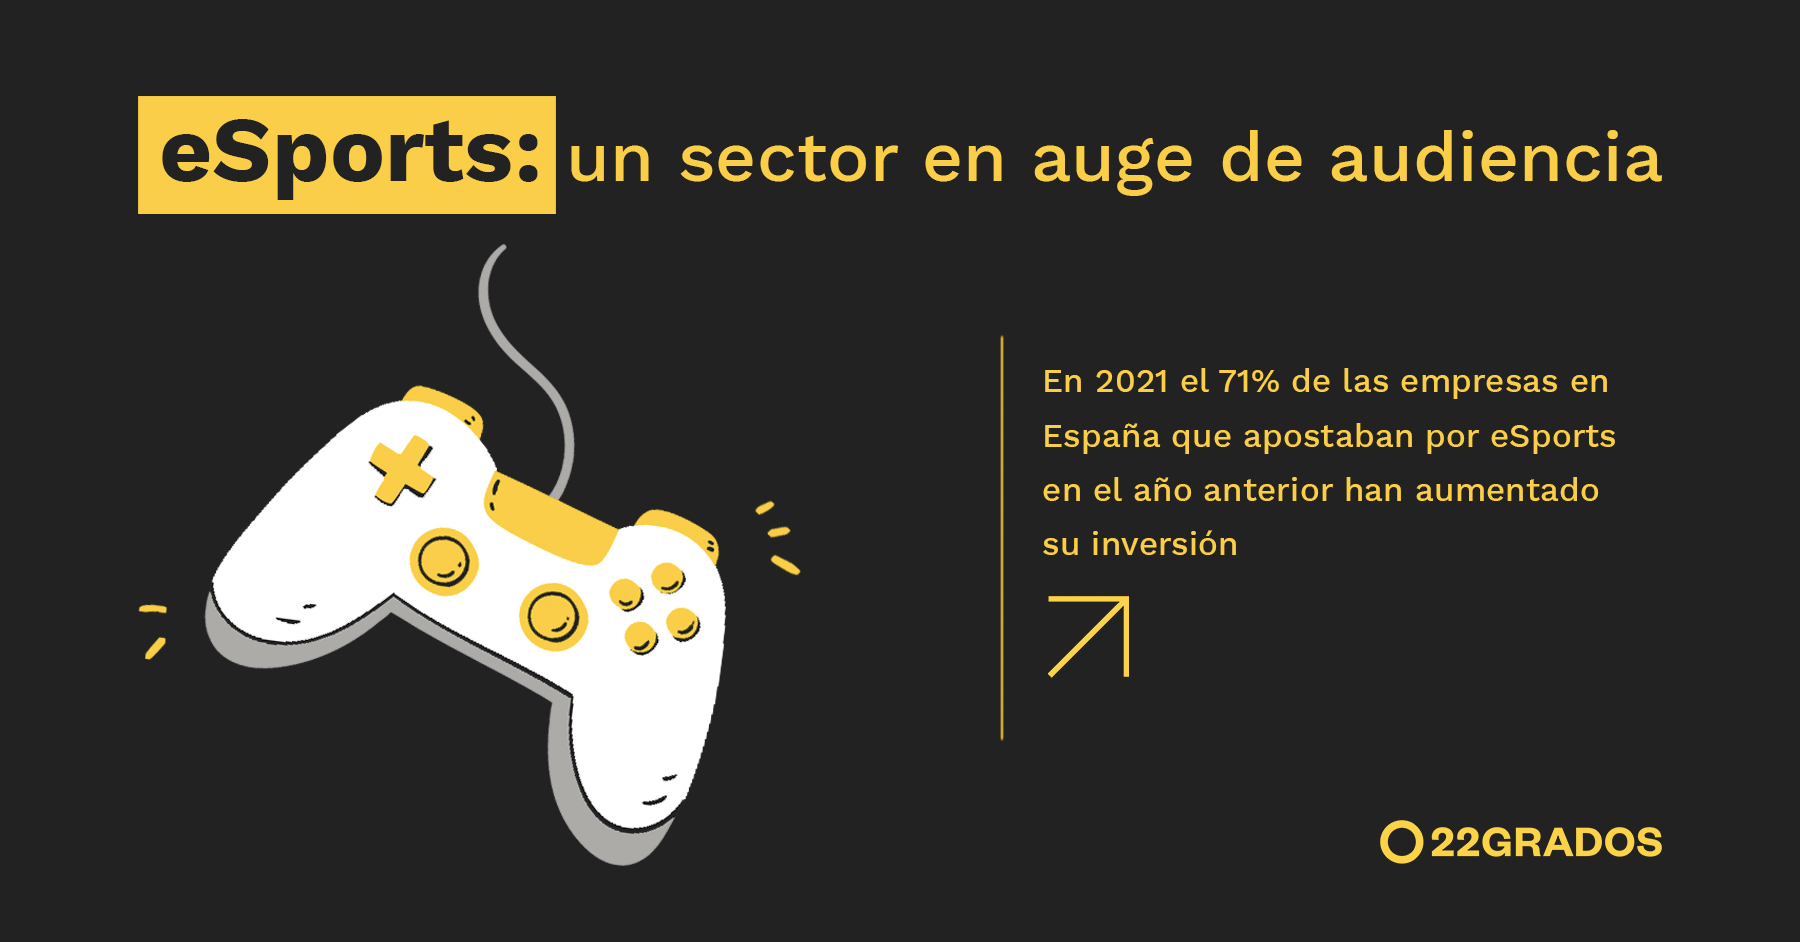 eSports: un sector en auge de audiencia